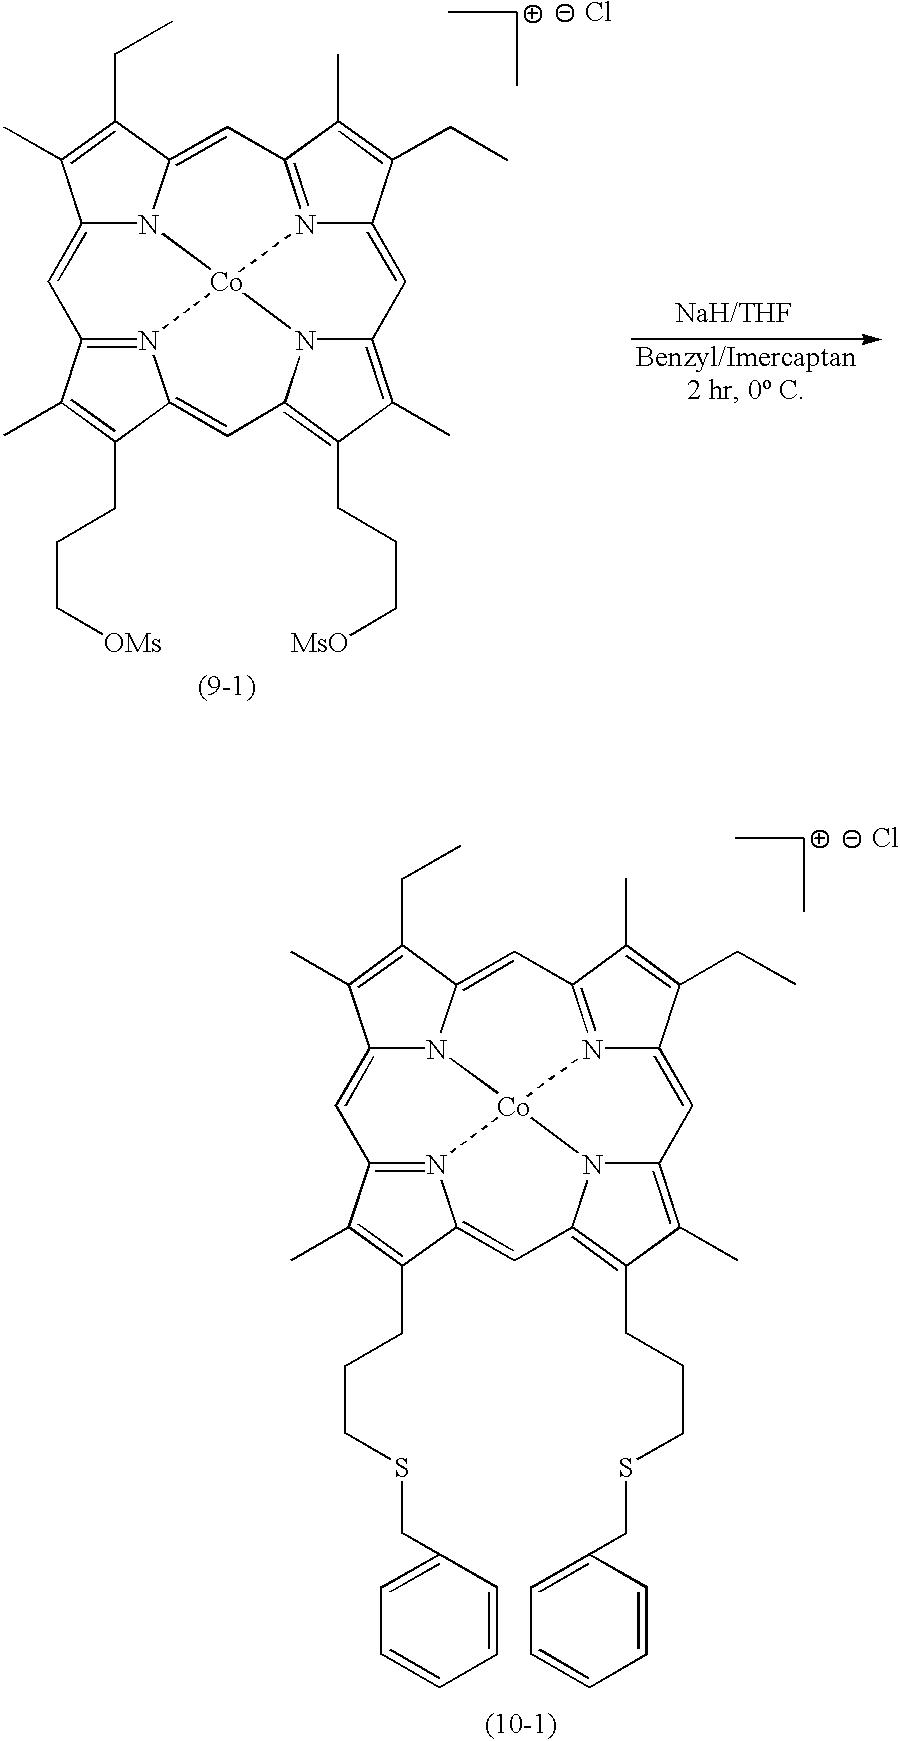 Figure US20020165216A1-20021107-C00021